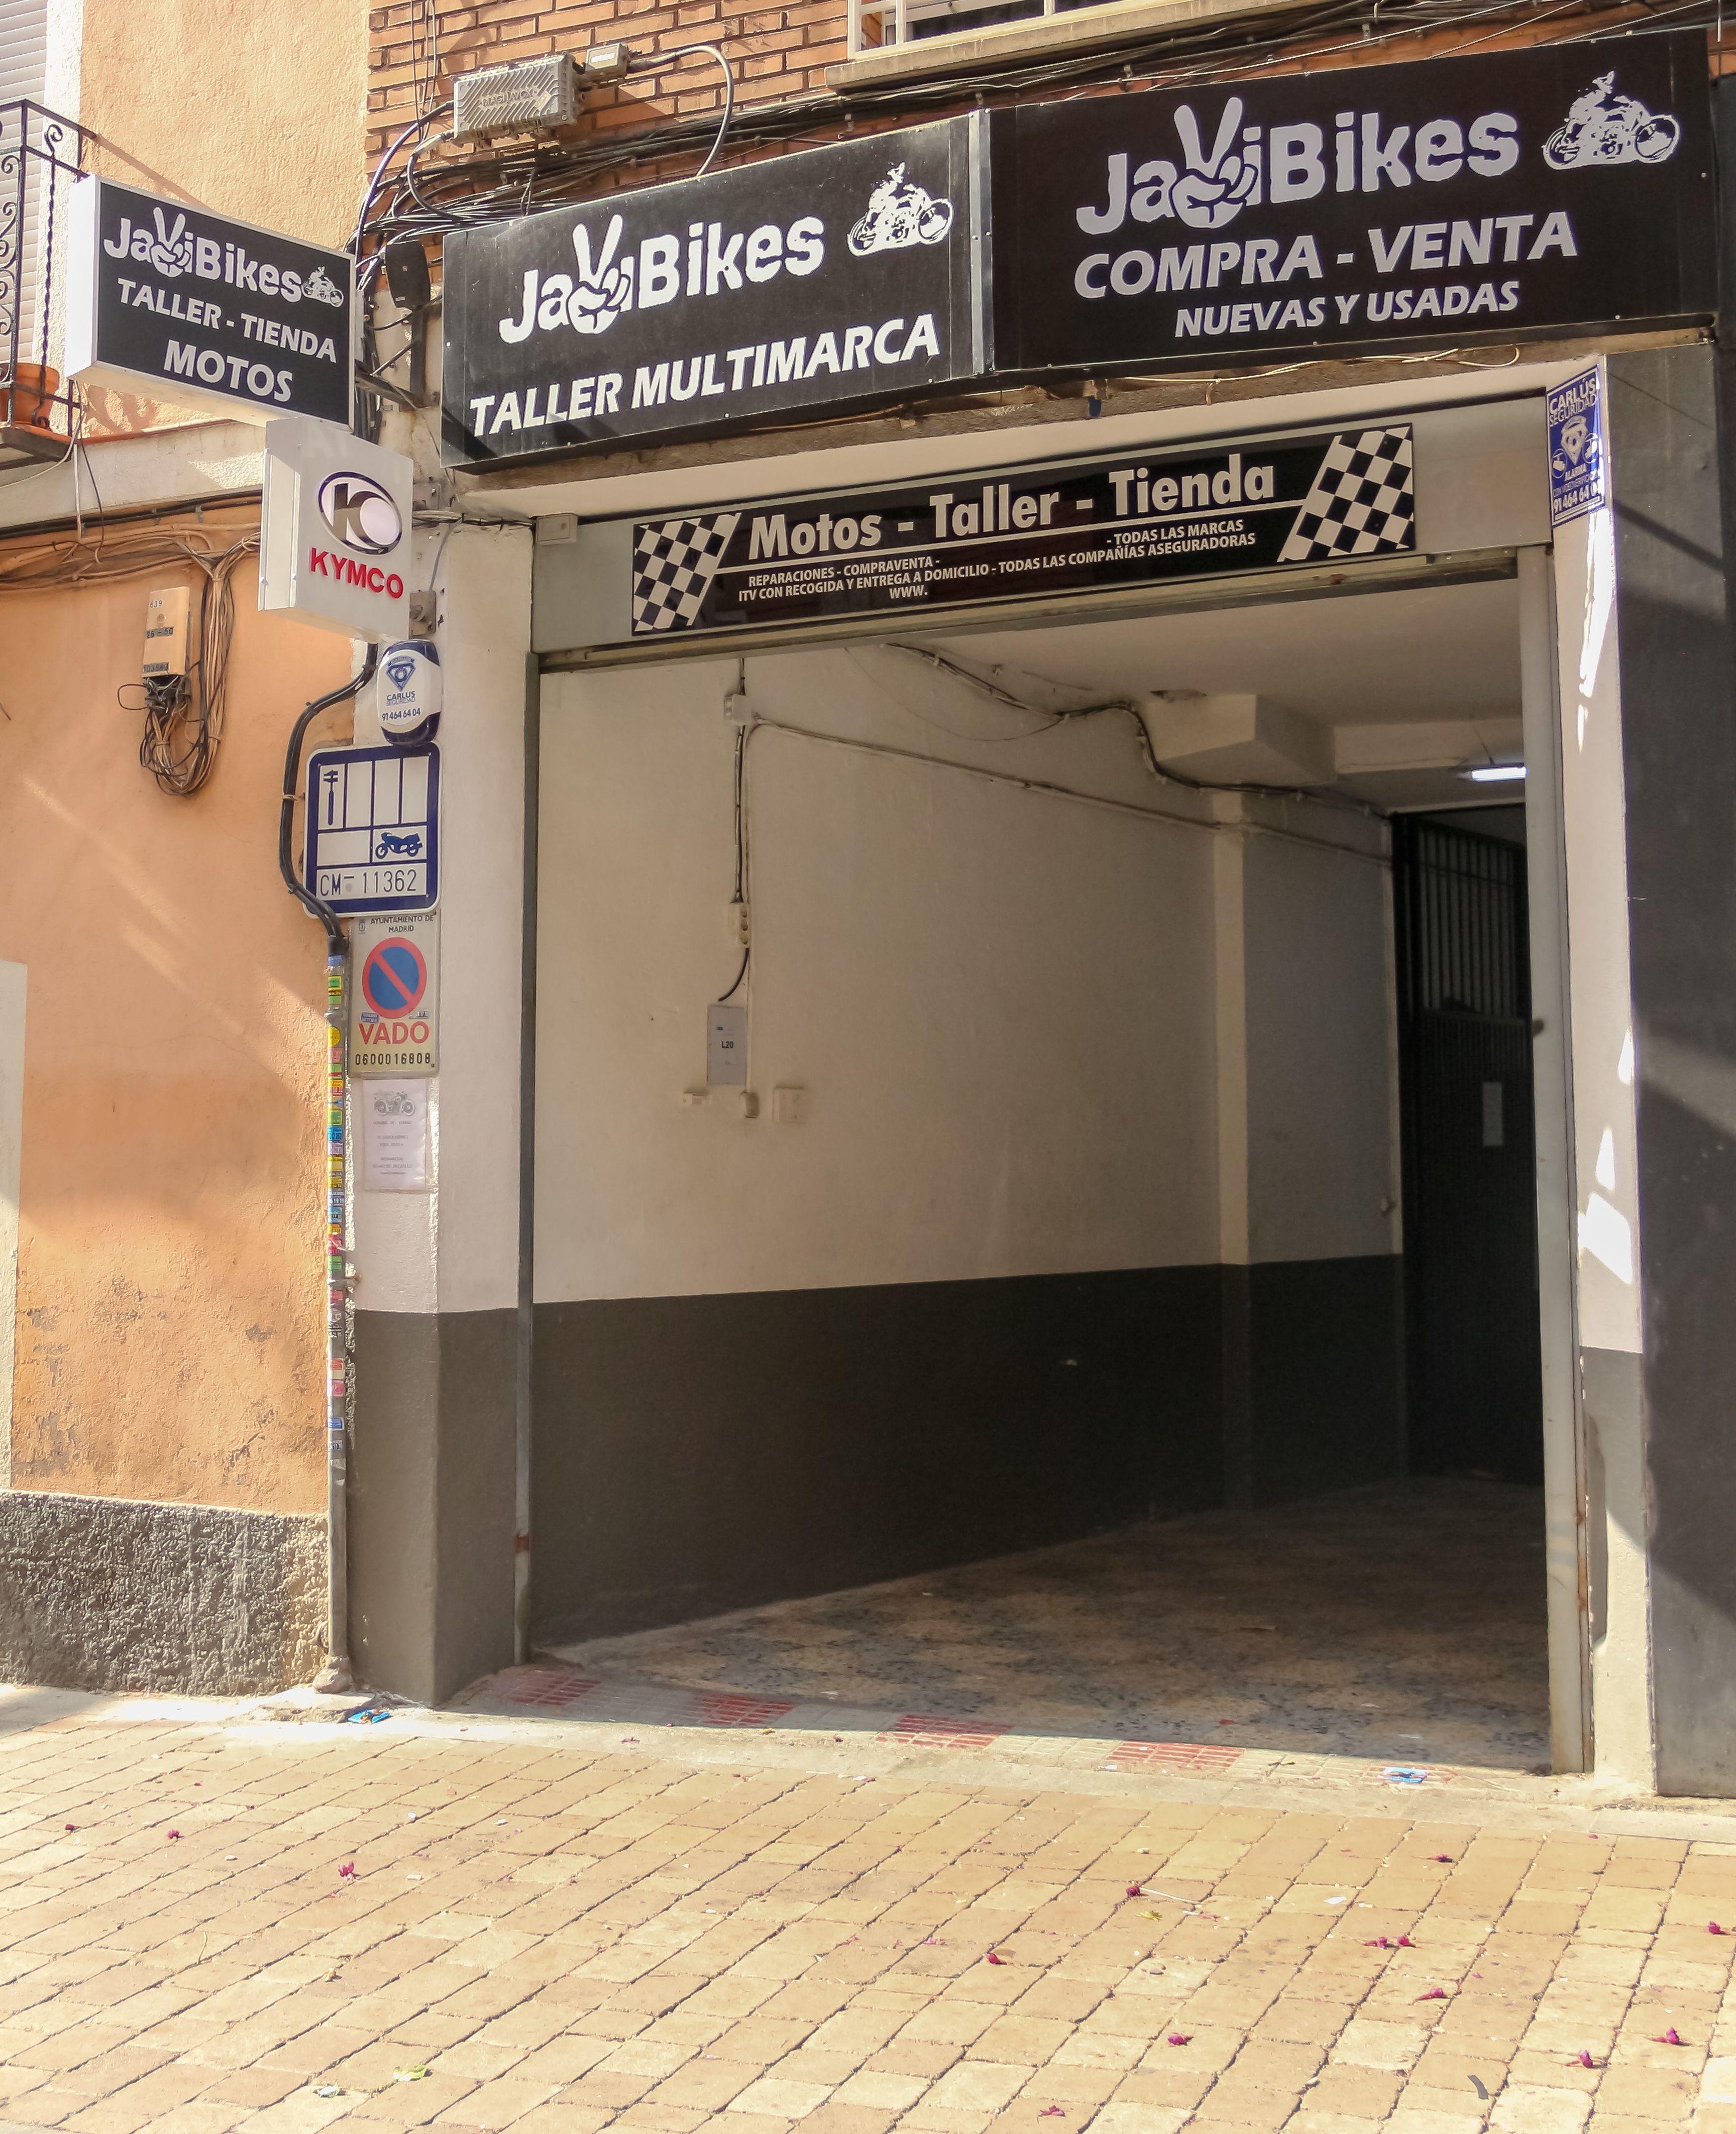 Venta y reparación de motos en Nuevos Ministerios, Madrid